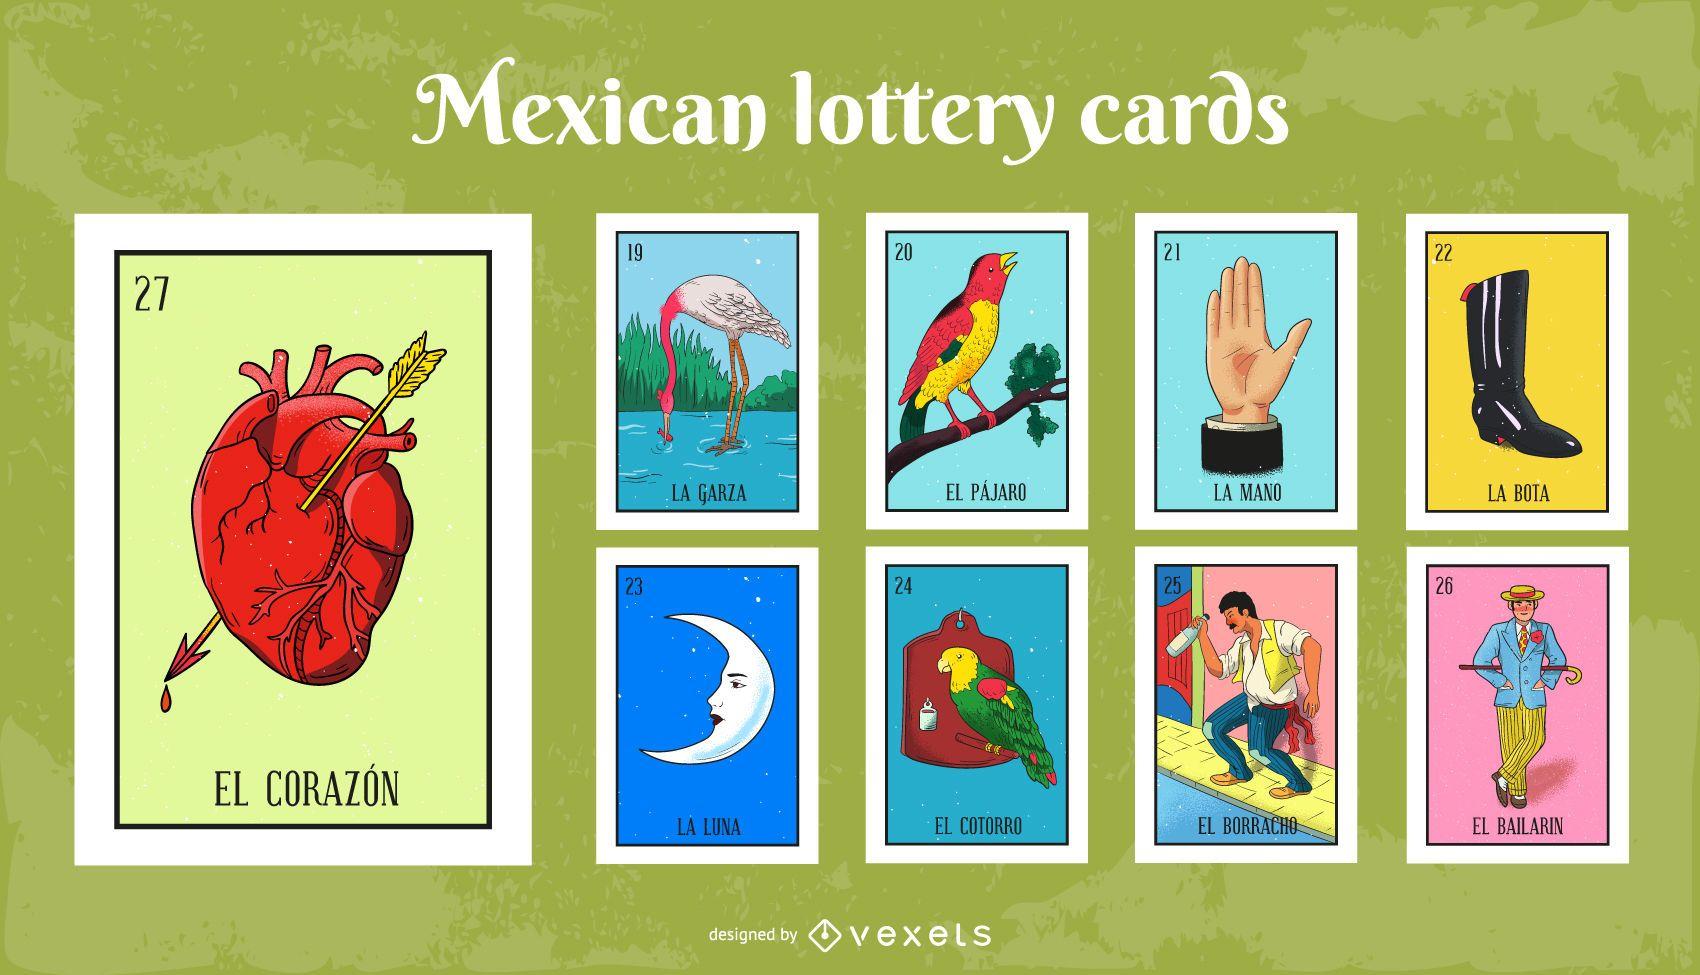 Paquete de Tarjetas de Lotería Mexicana # 3